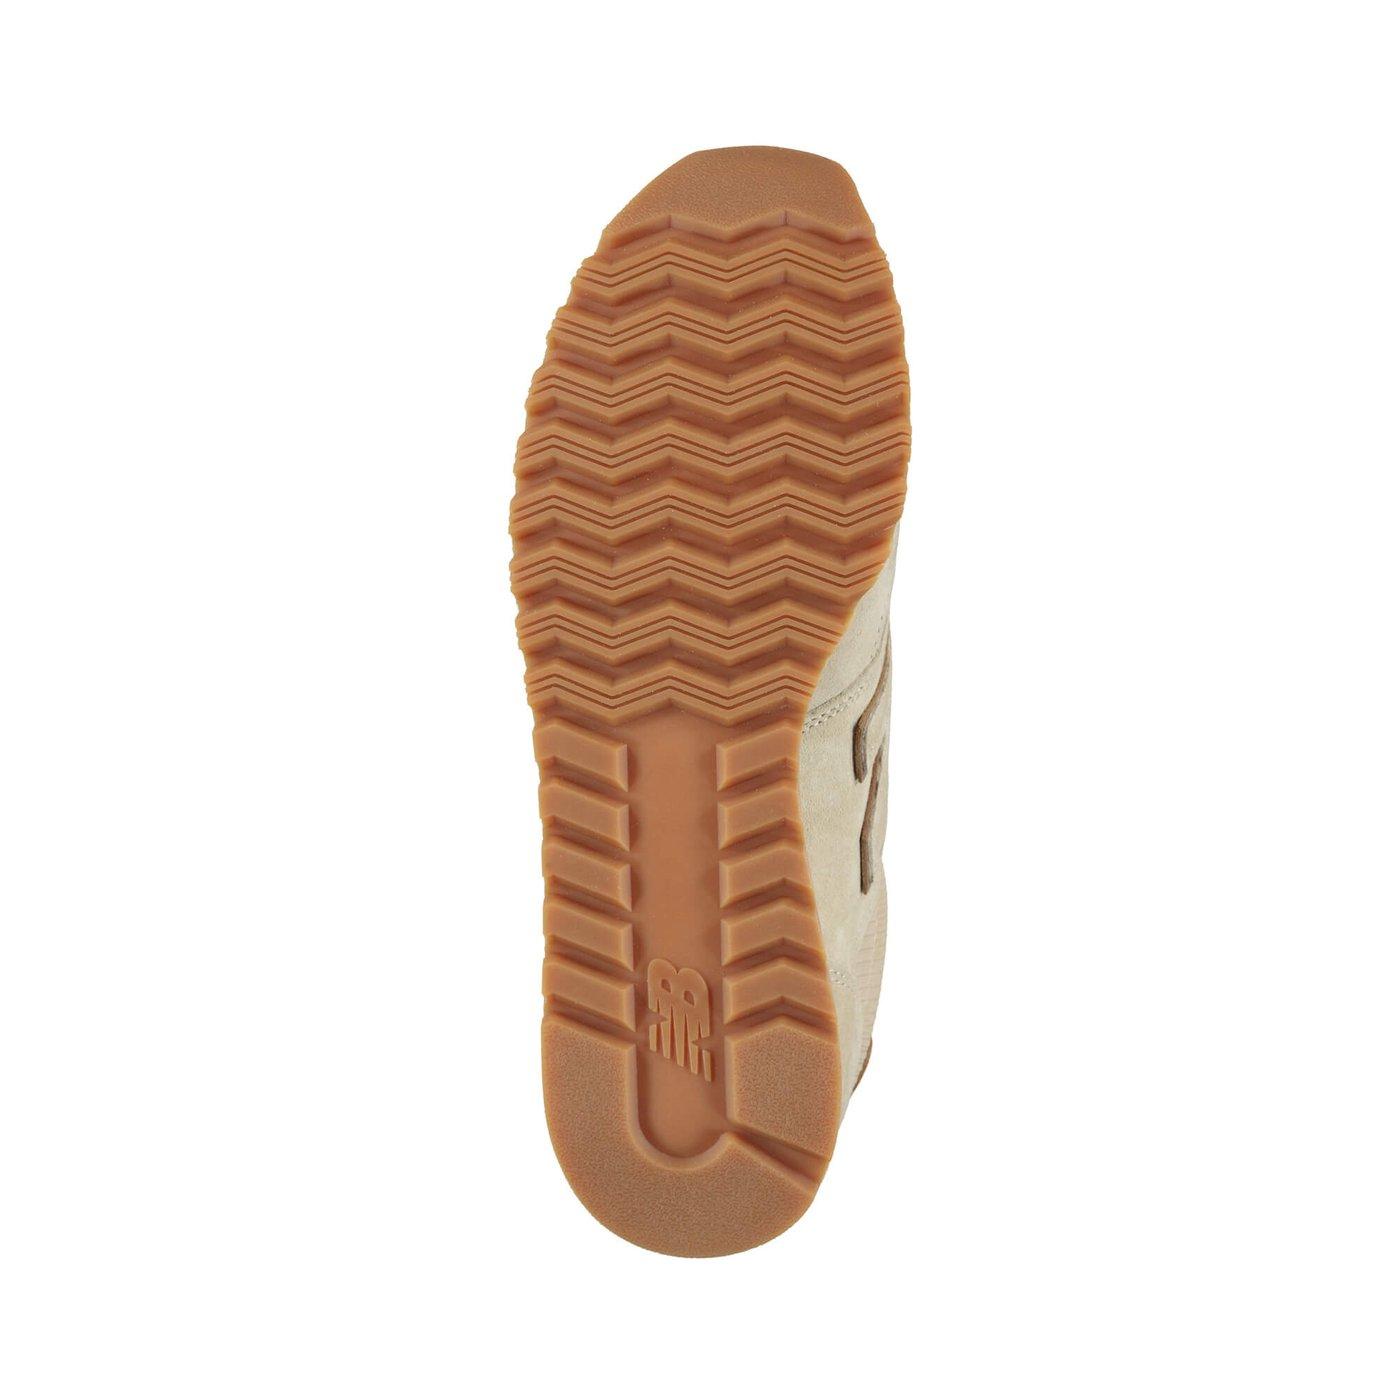 New Balance 521 Wood Pack Erkek Bej Sneaker